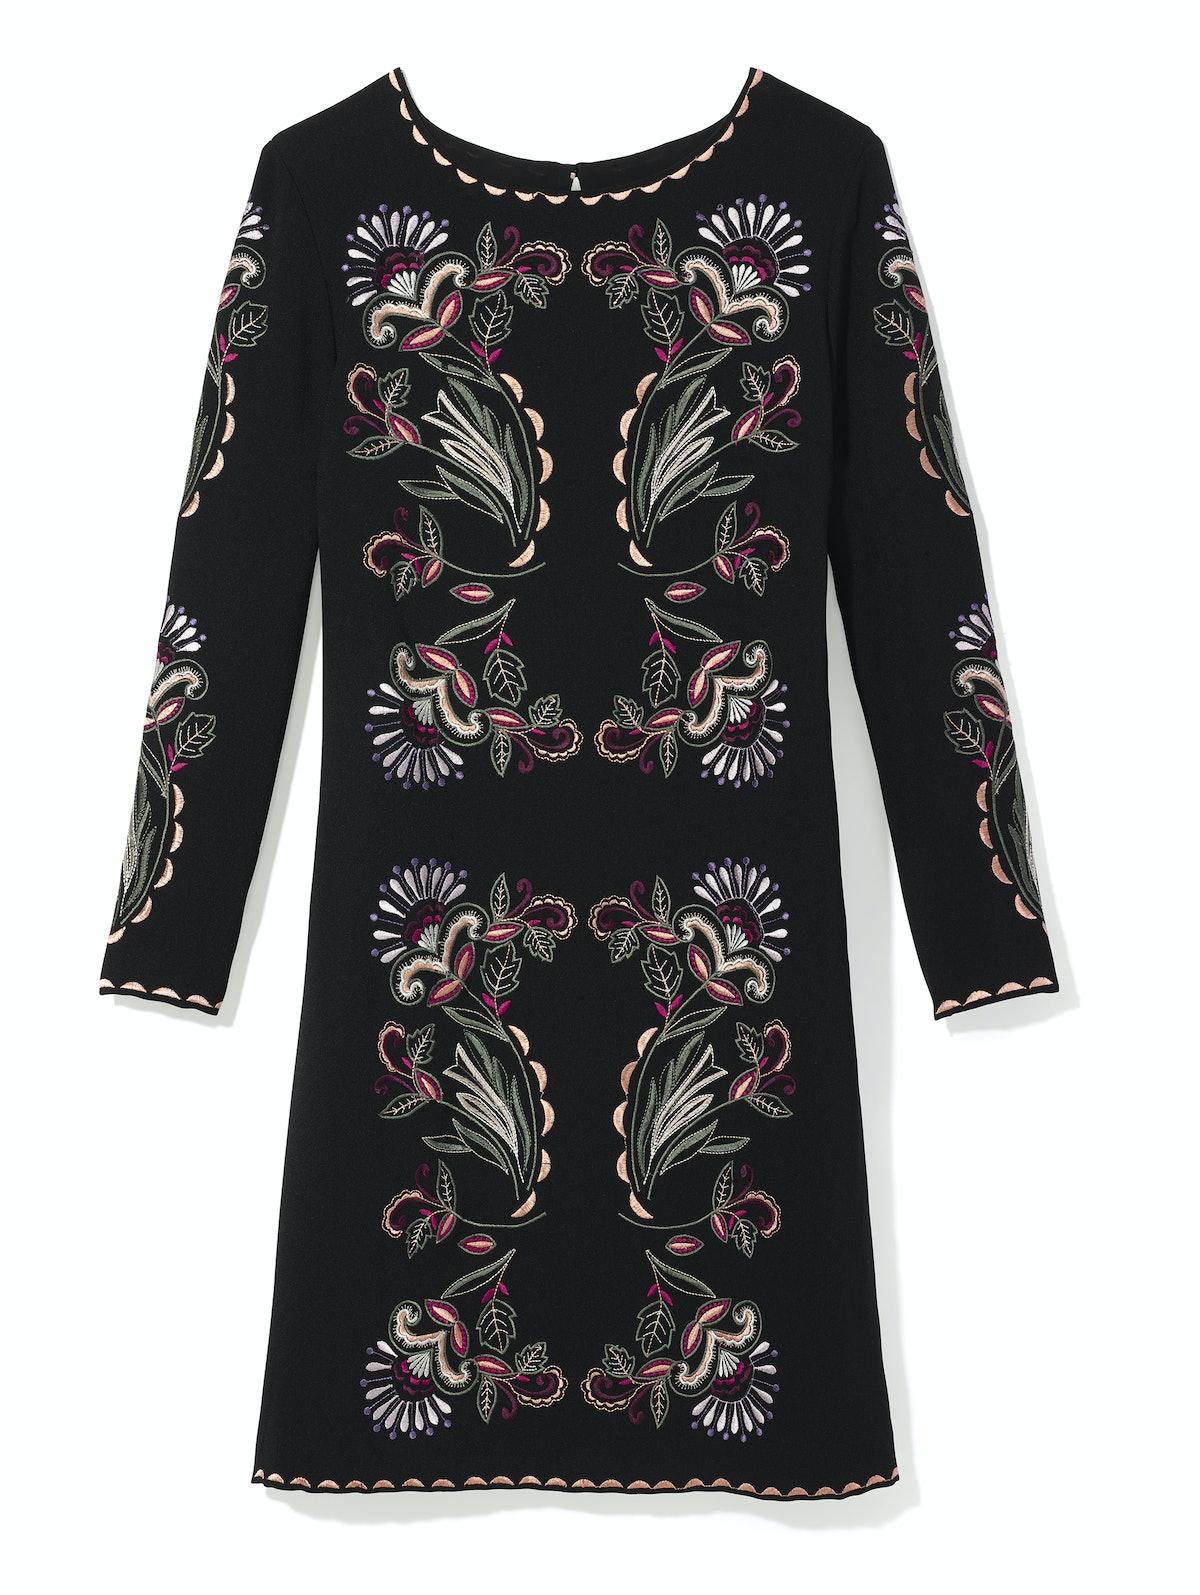 Juicy Couture Black Label dress